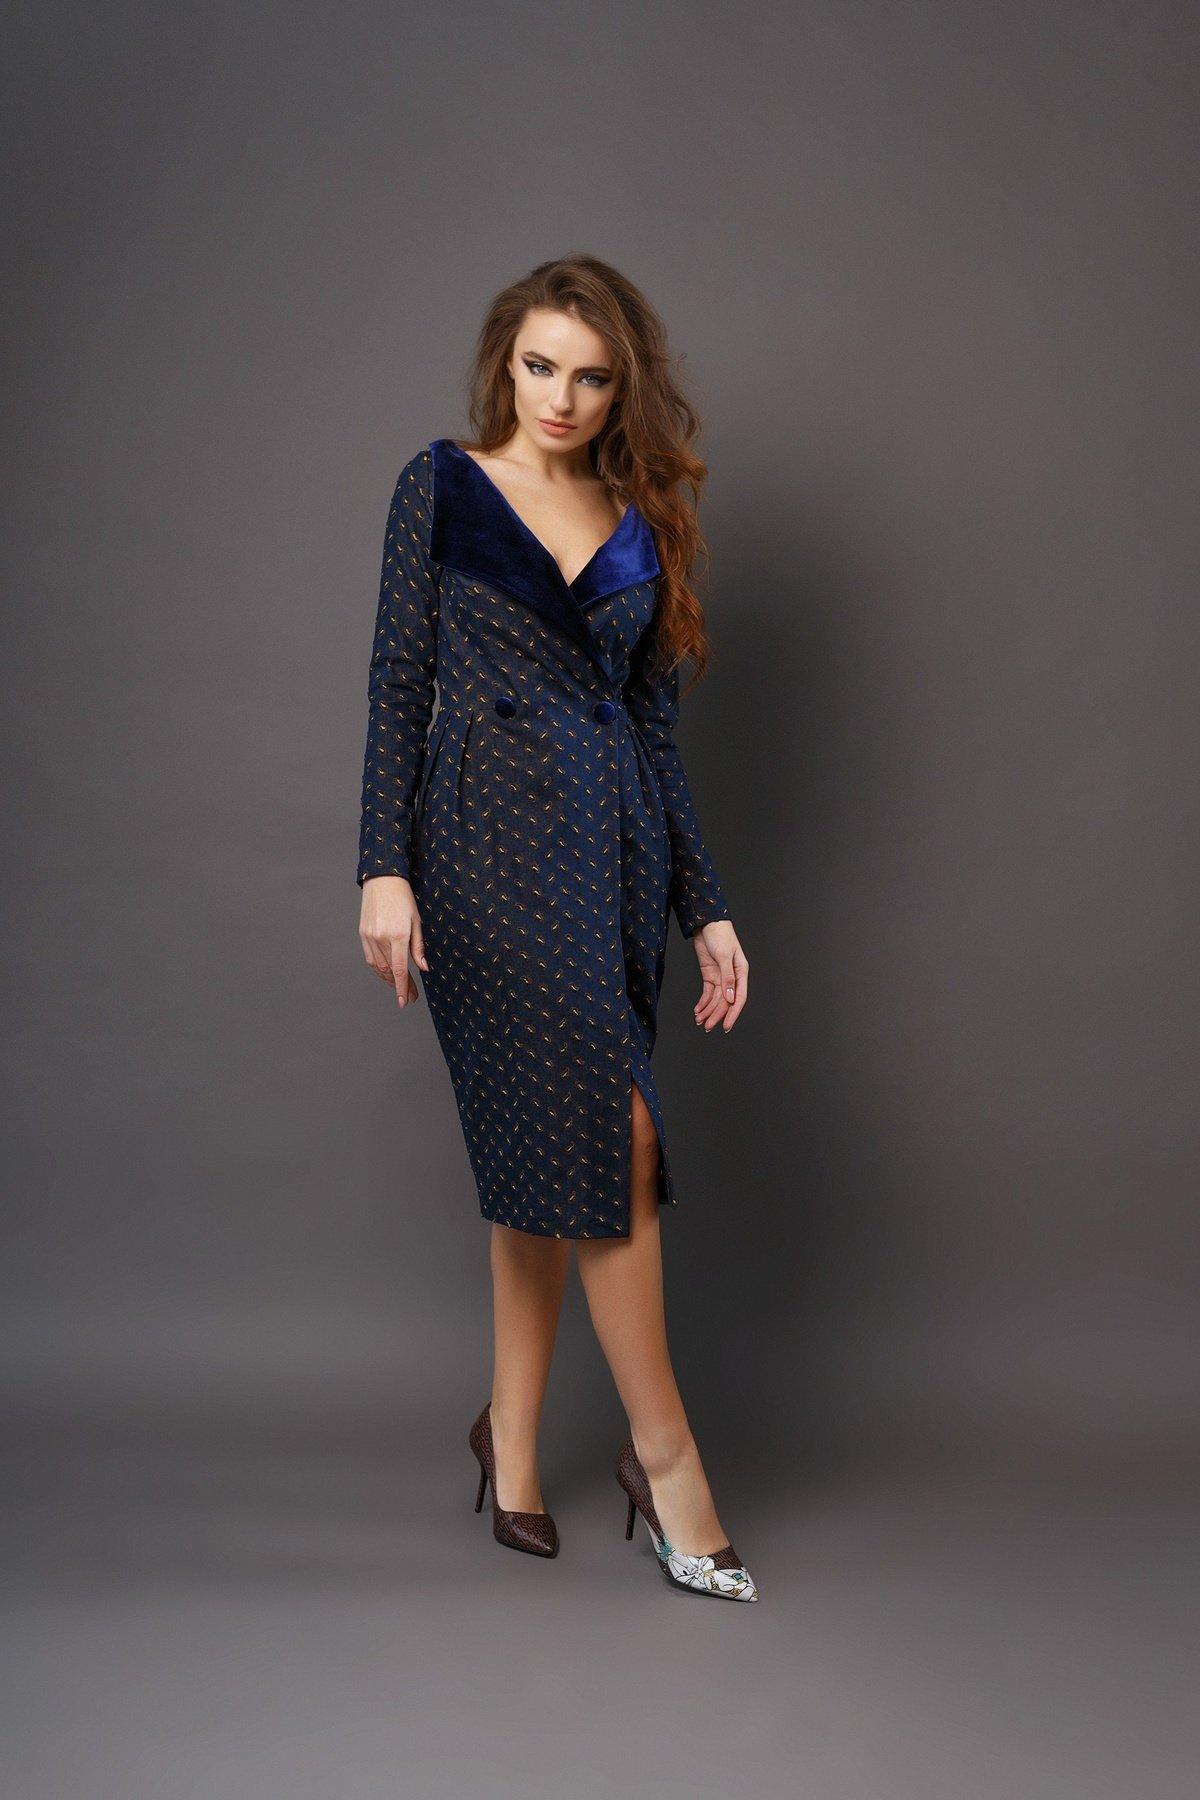 Сукня Bonny - купити коктейльні сукні та вечірні сукні Olya Mak 42ba7200818d3